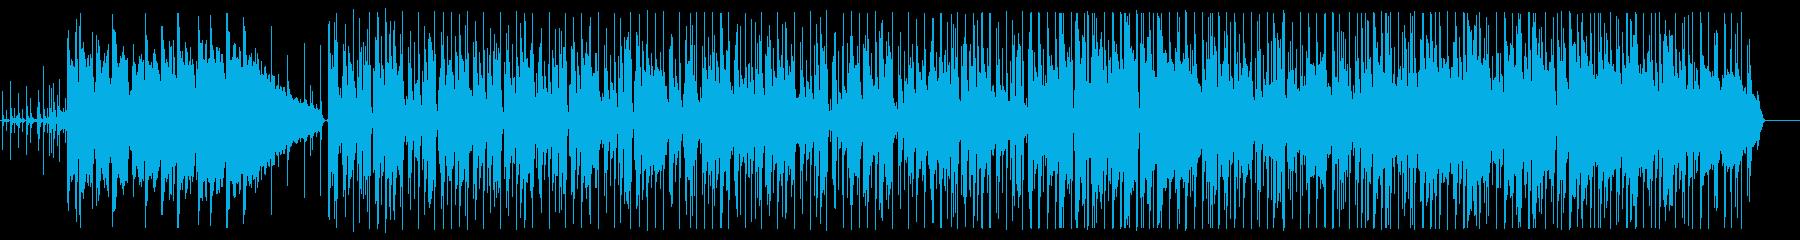 おしゃれな雰囲気のアシッドジャズの再生済みの波形